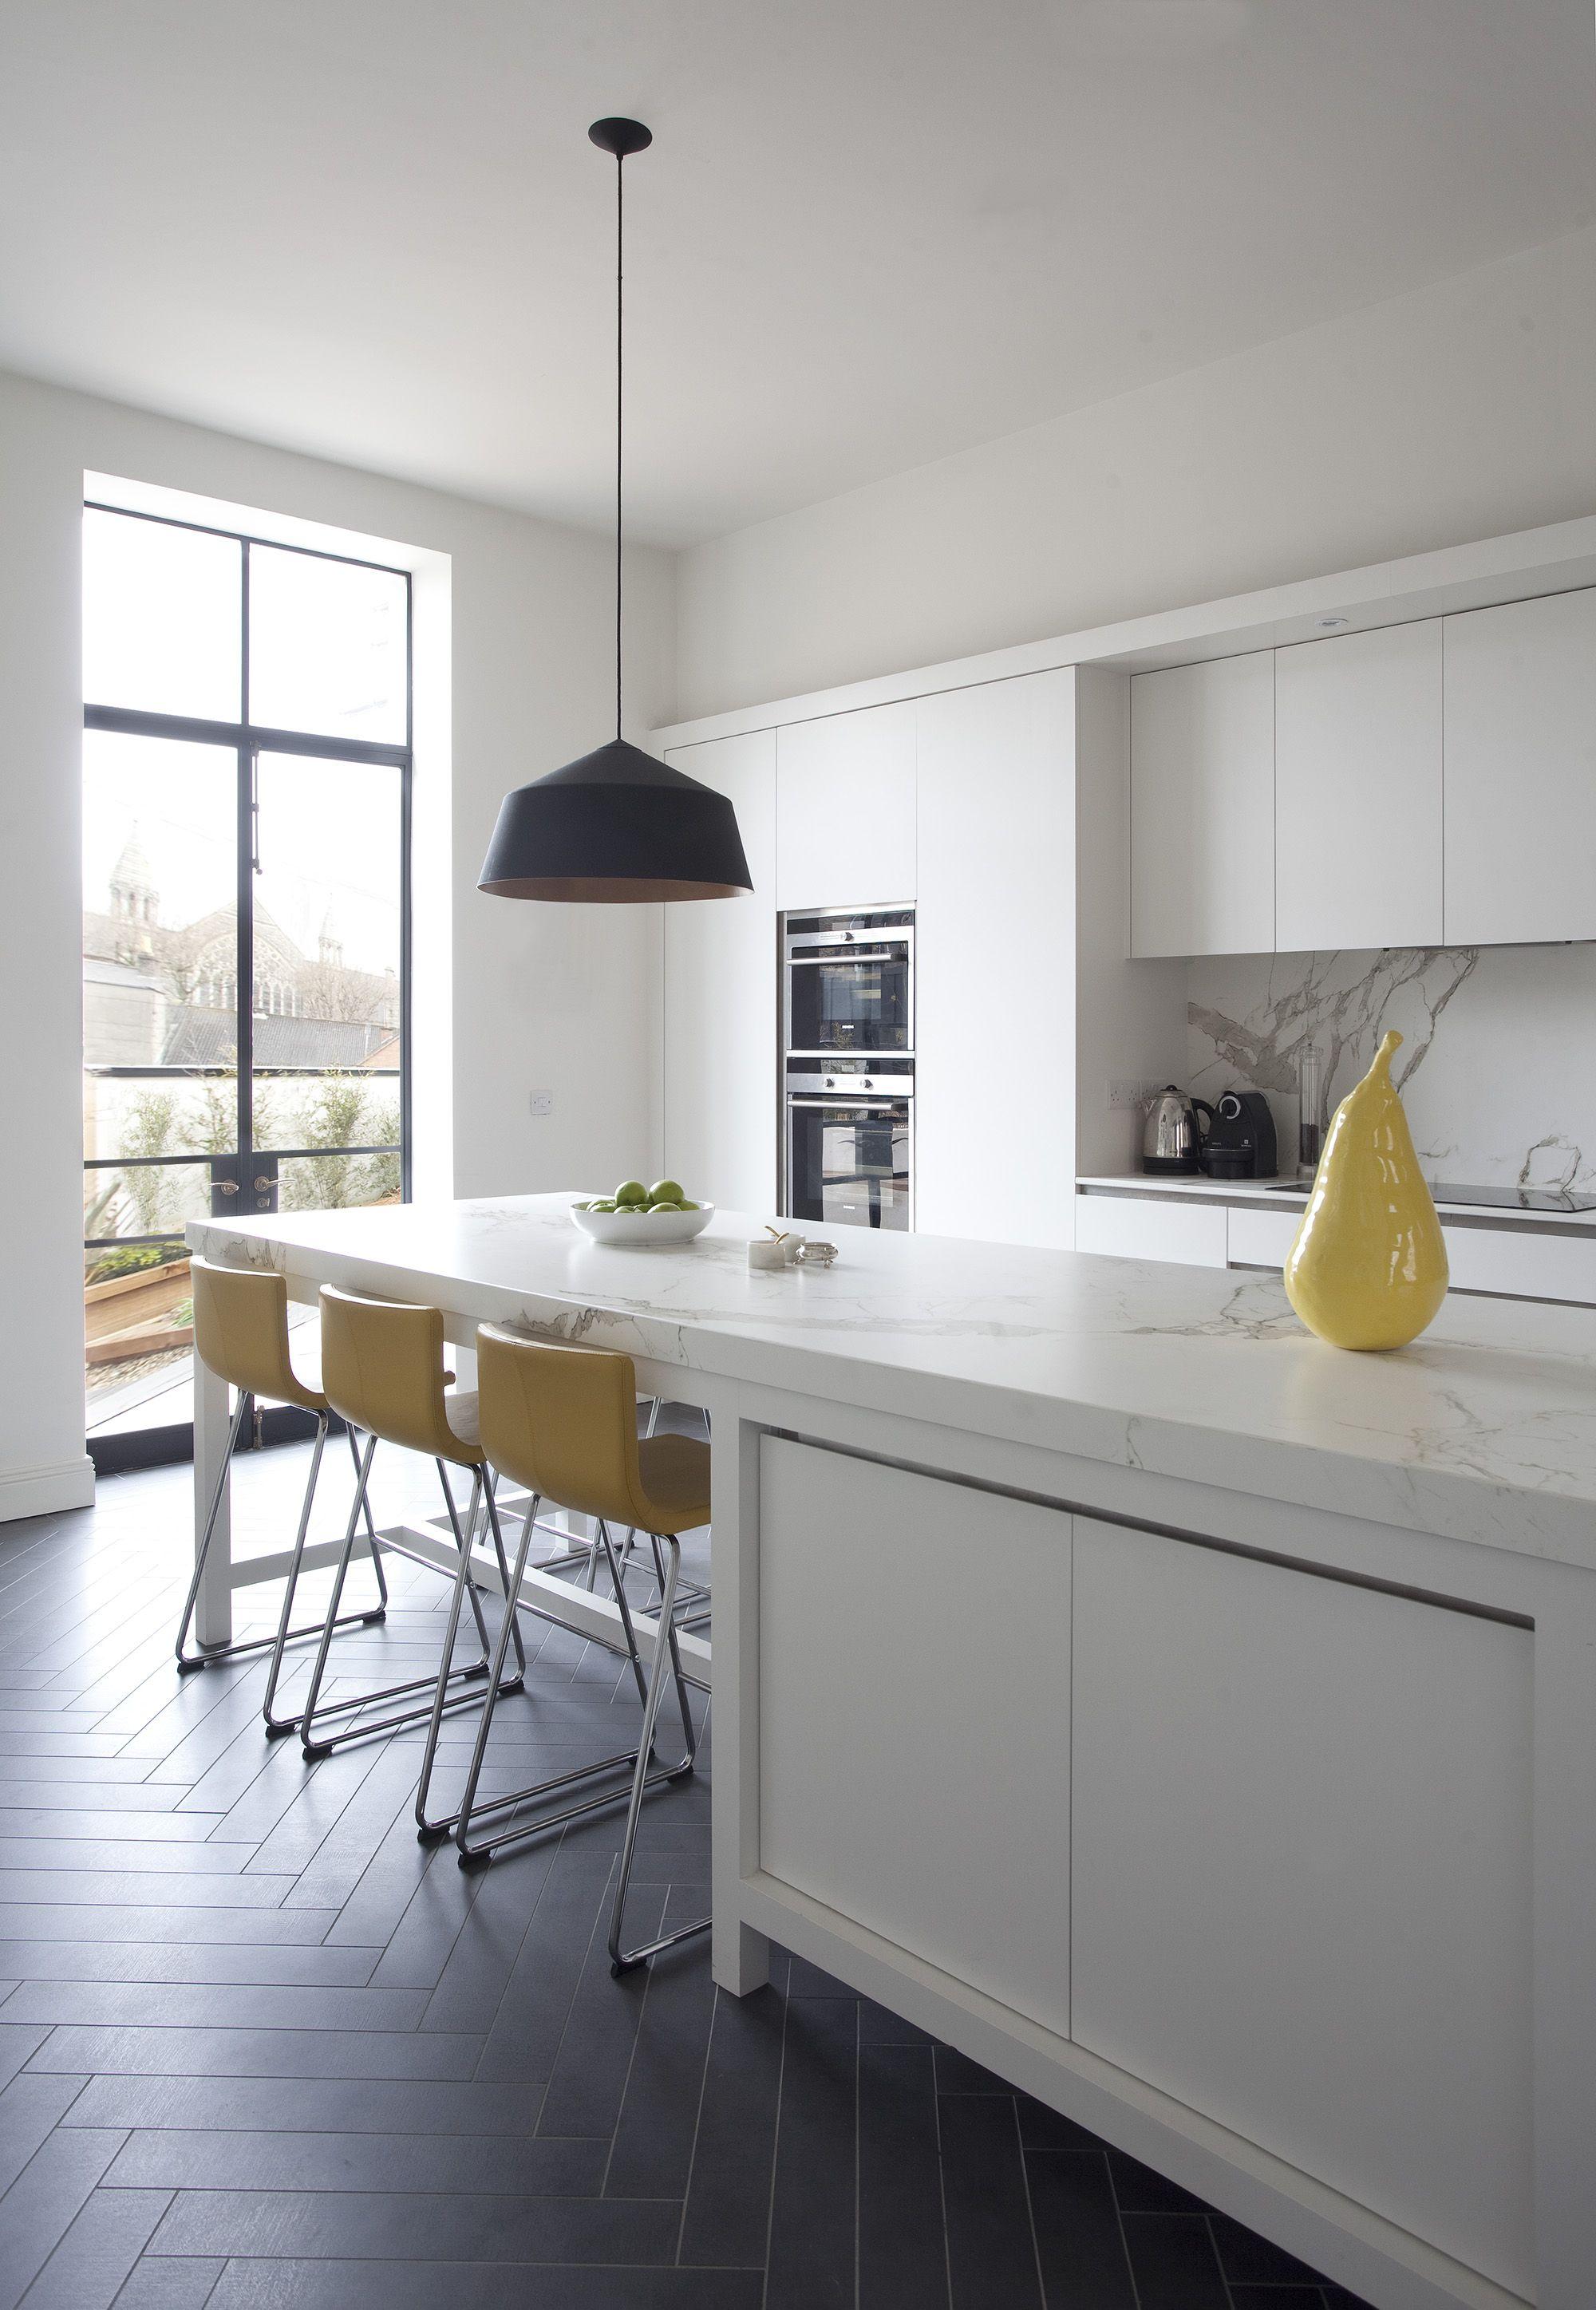 Newcastle Design Are Ireland's A Premier Kitchen Design